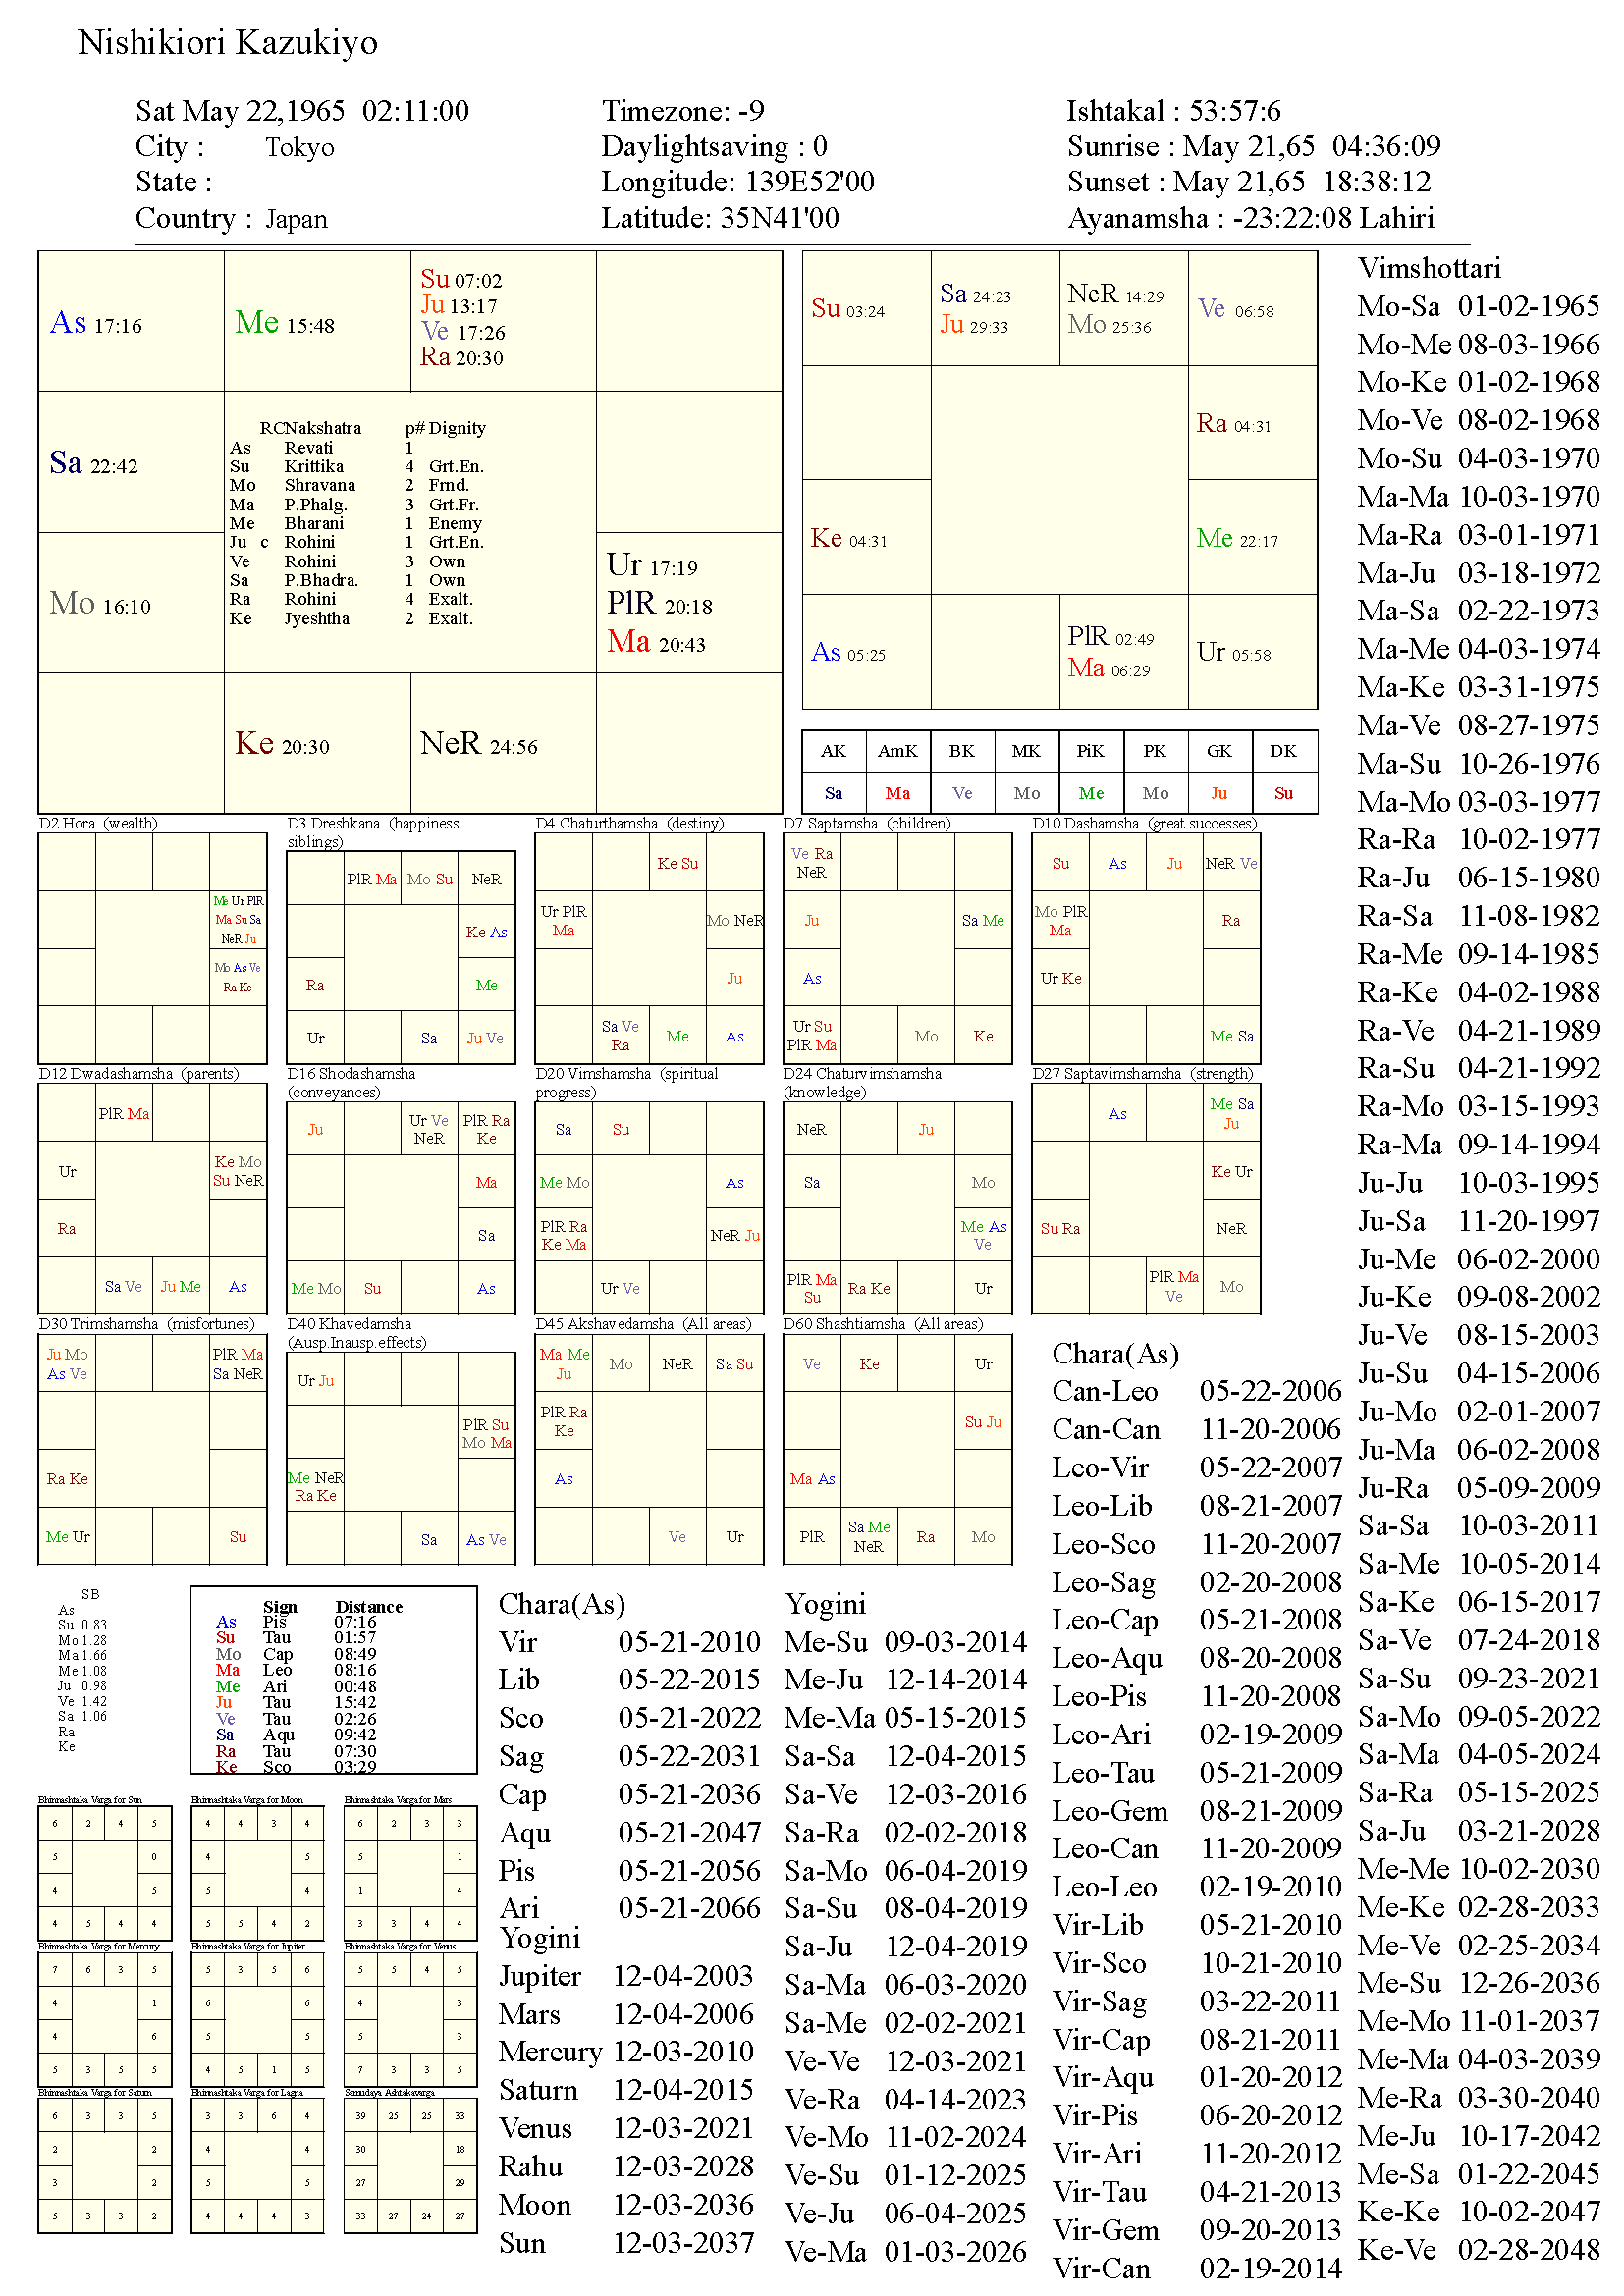 nishikiorikazukiyo_chart